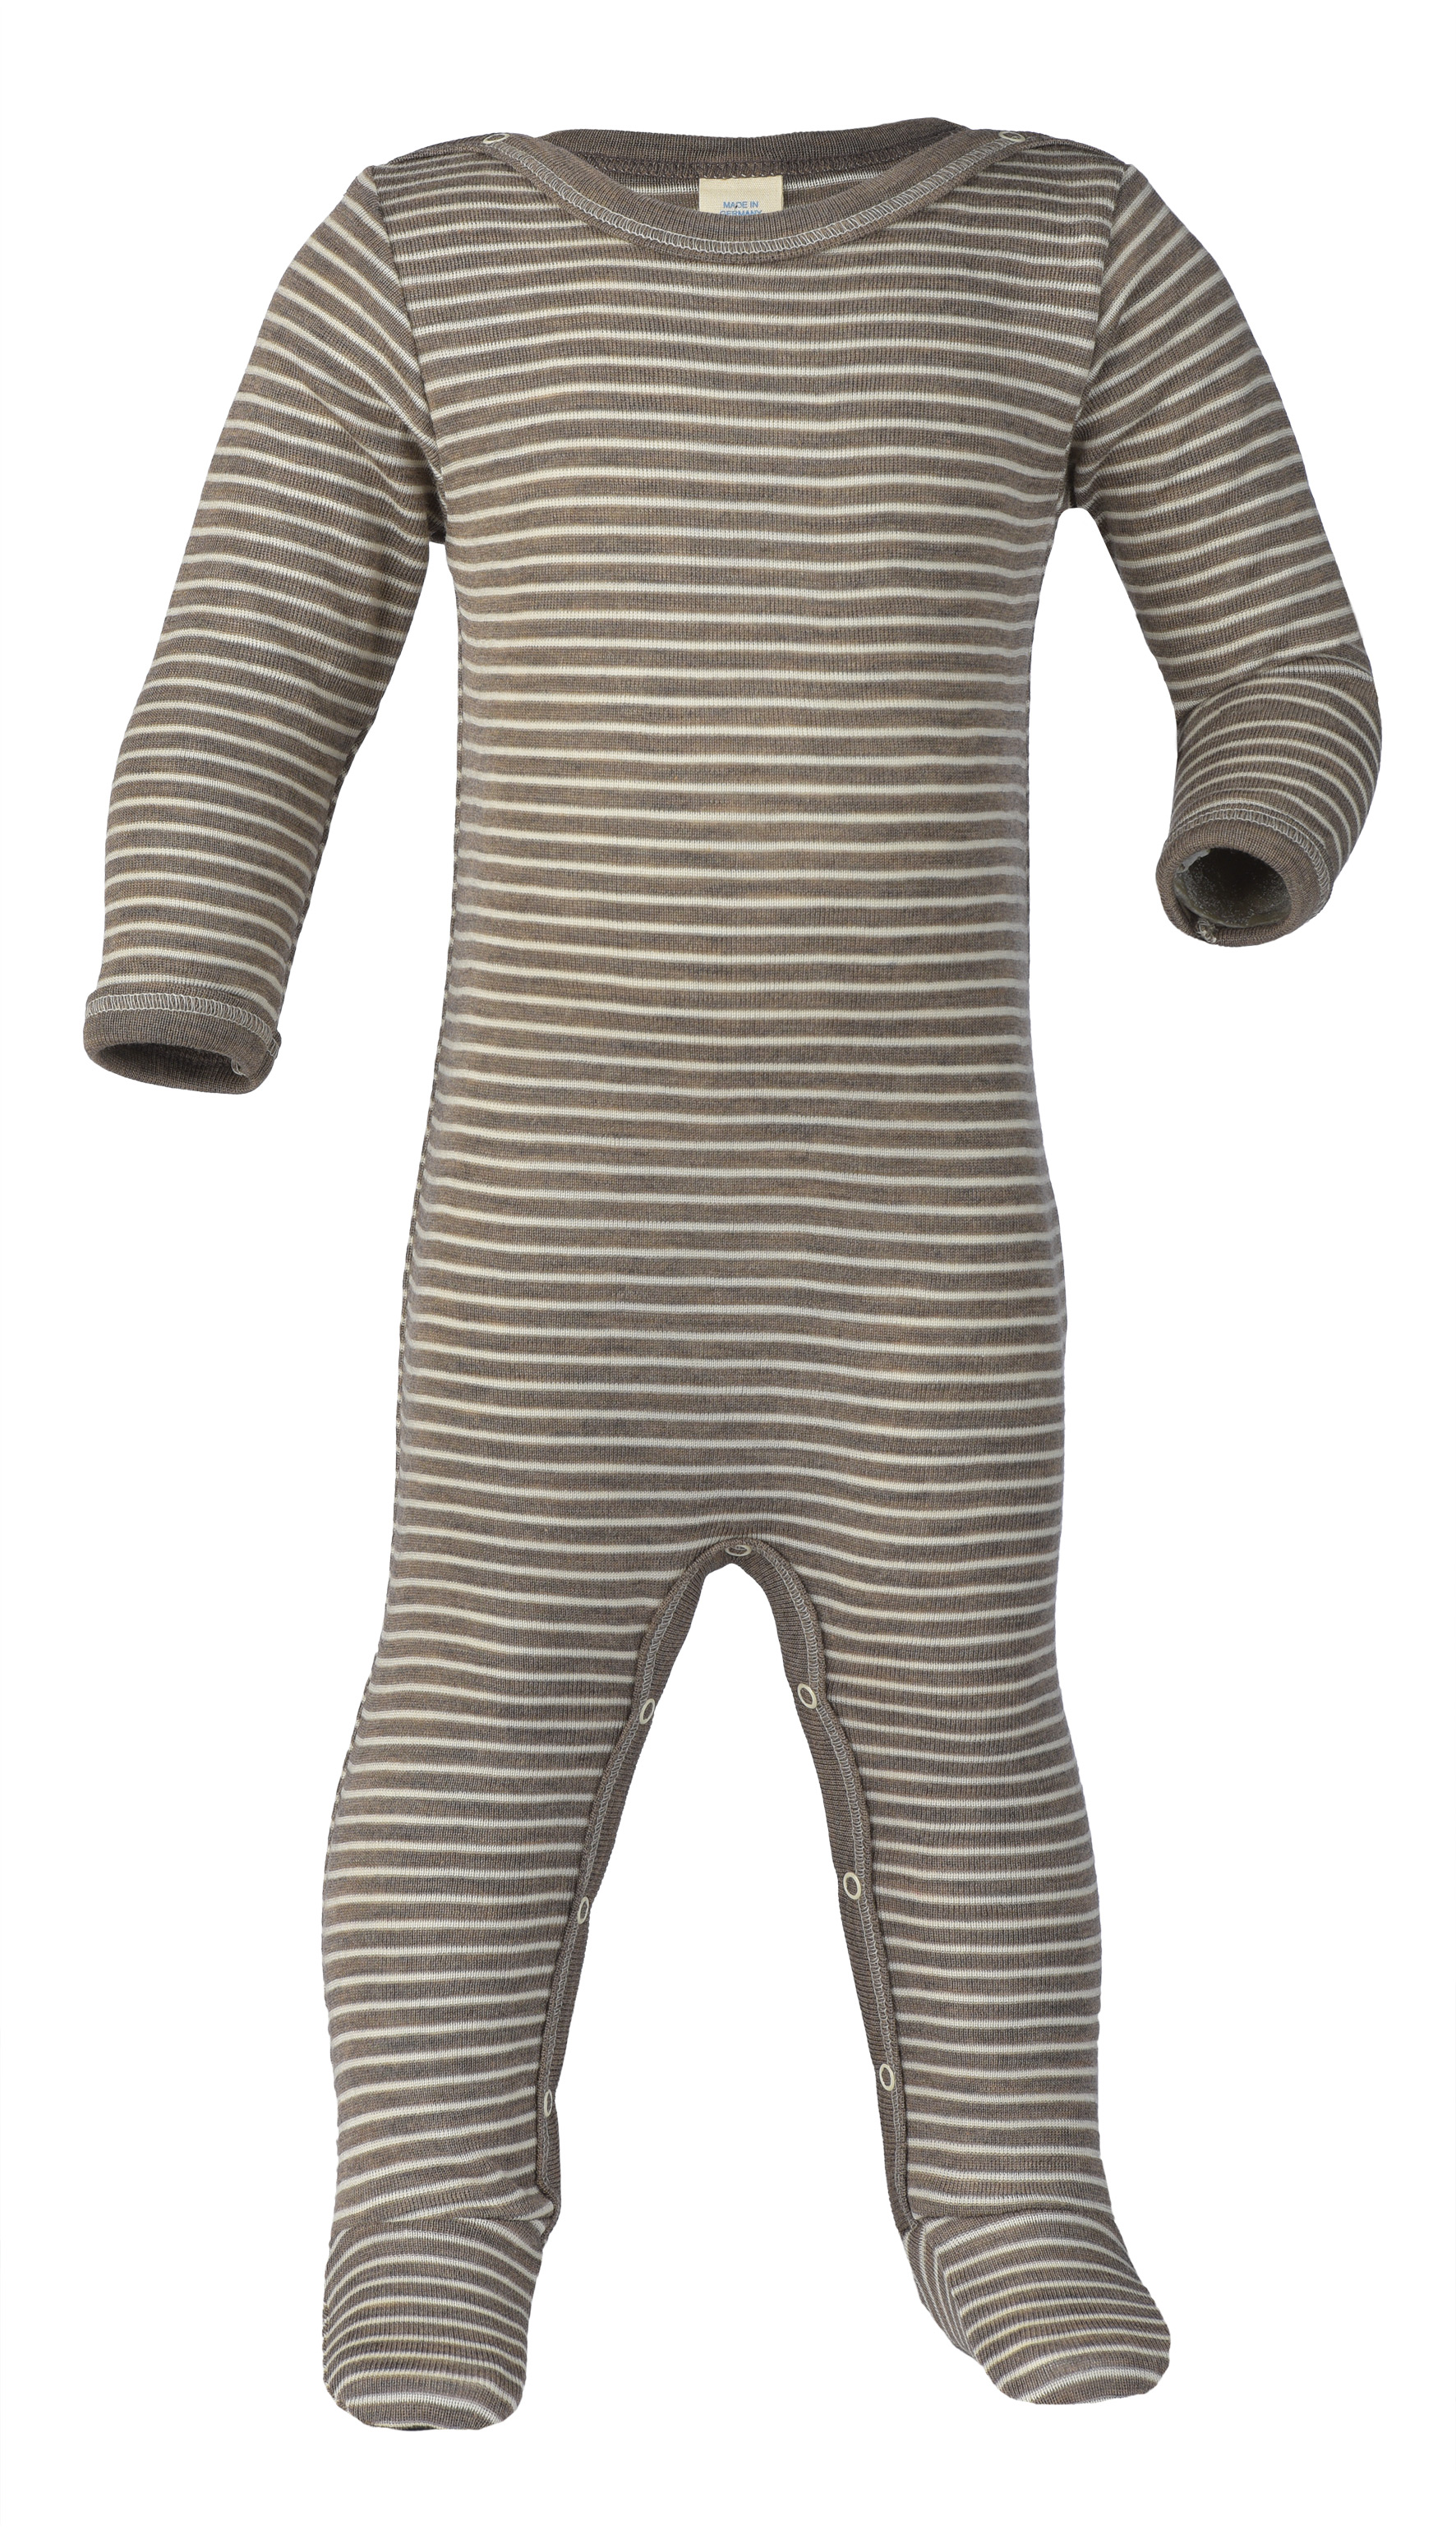 ENGEL Natur (sous-vetements en laine et soie ou 100% laine mérinos) ENGEL Nouveauté - Combinaison ou pyjama en laine et soie (50/92)